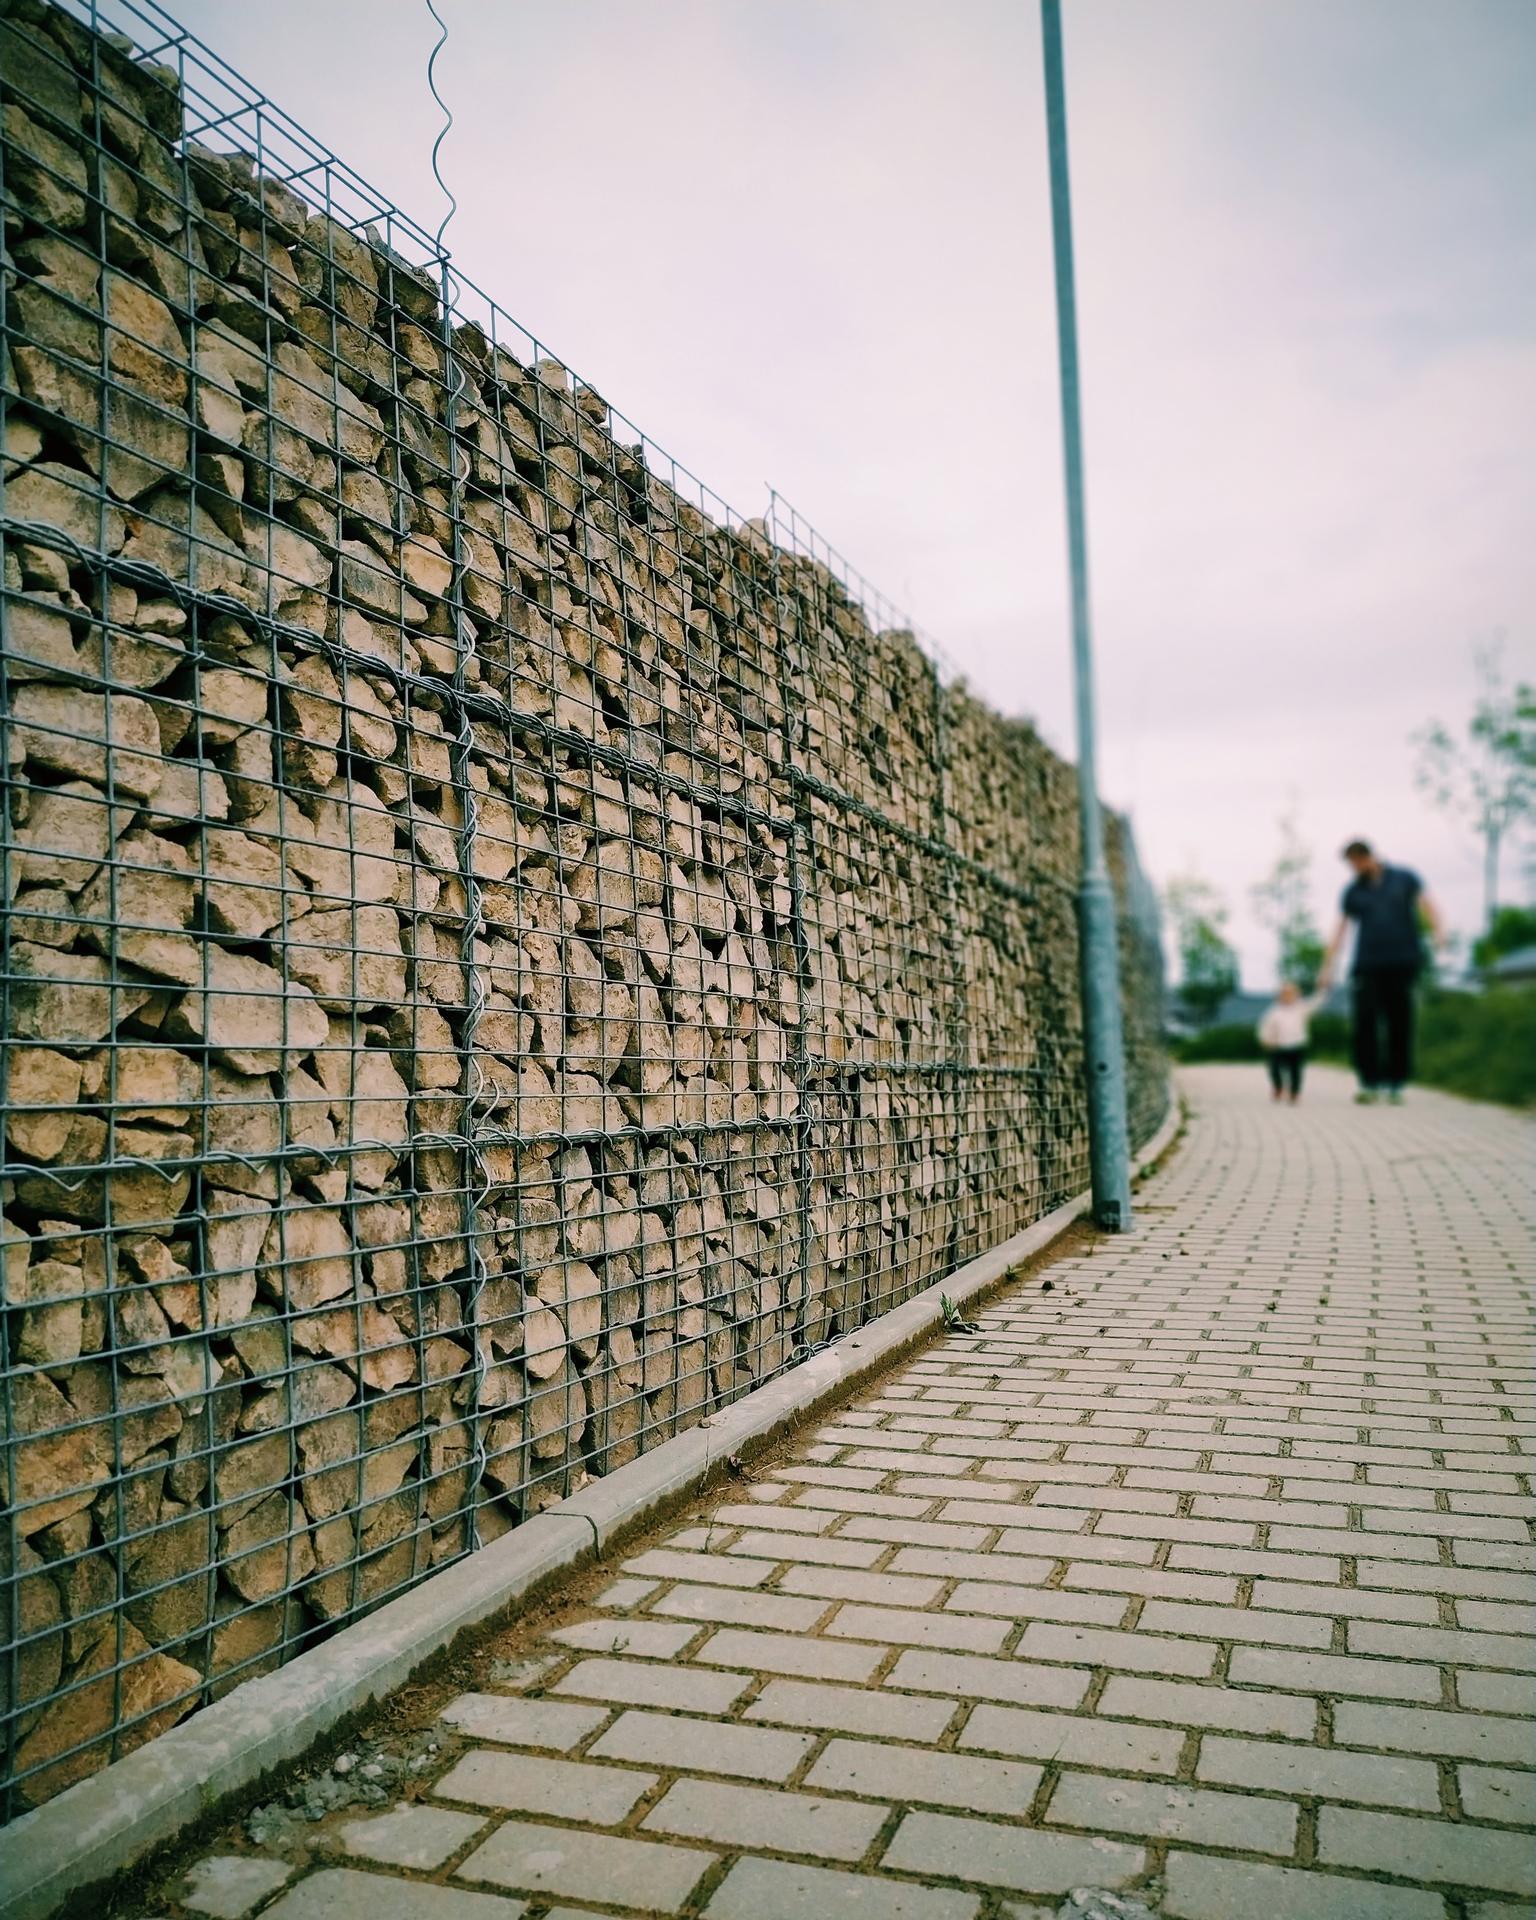 Náš domov ve svahu - Kameny vytříděné z naší výkopové zeminy jsme se rozhodli použít na gabionový plot. Využili jsme tak v podstatě všechno, co jsme tu už měli. Vypadá to super, mám z toho radost. Jen by ten plot mohl růst rychleji :D